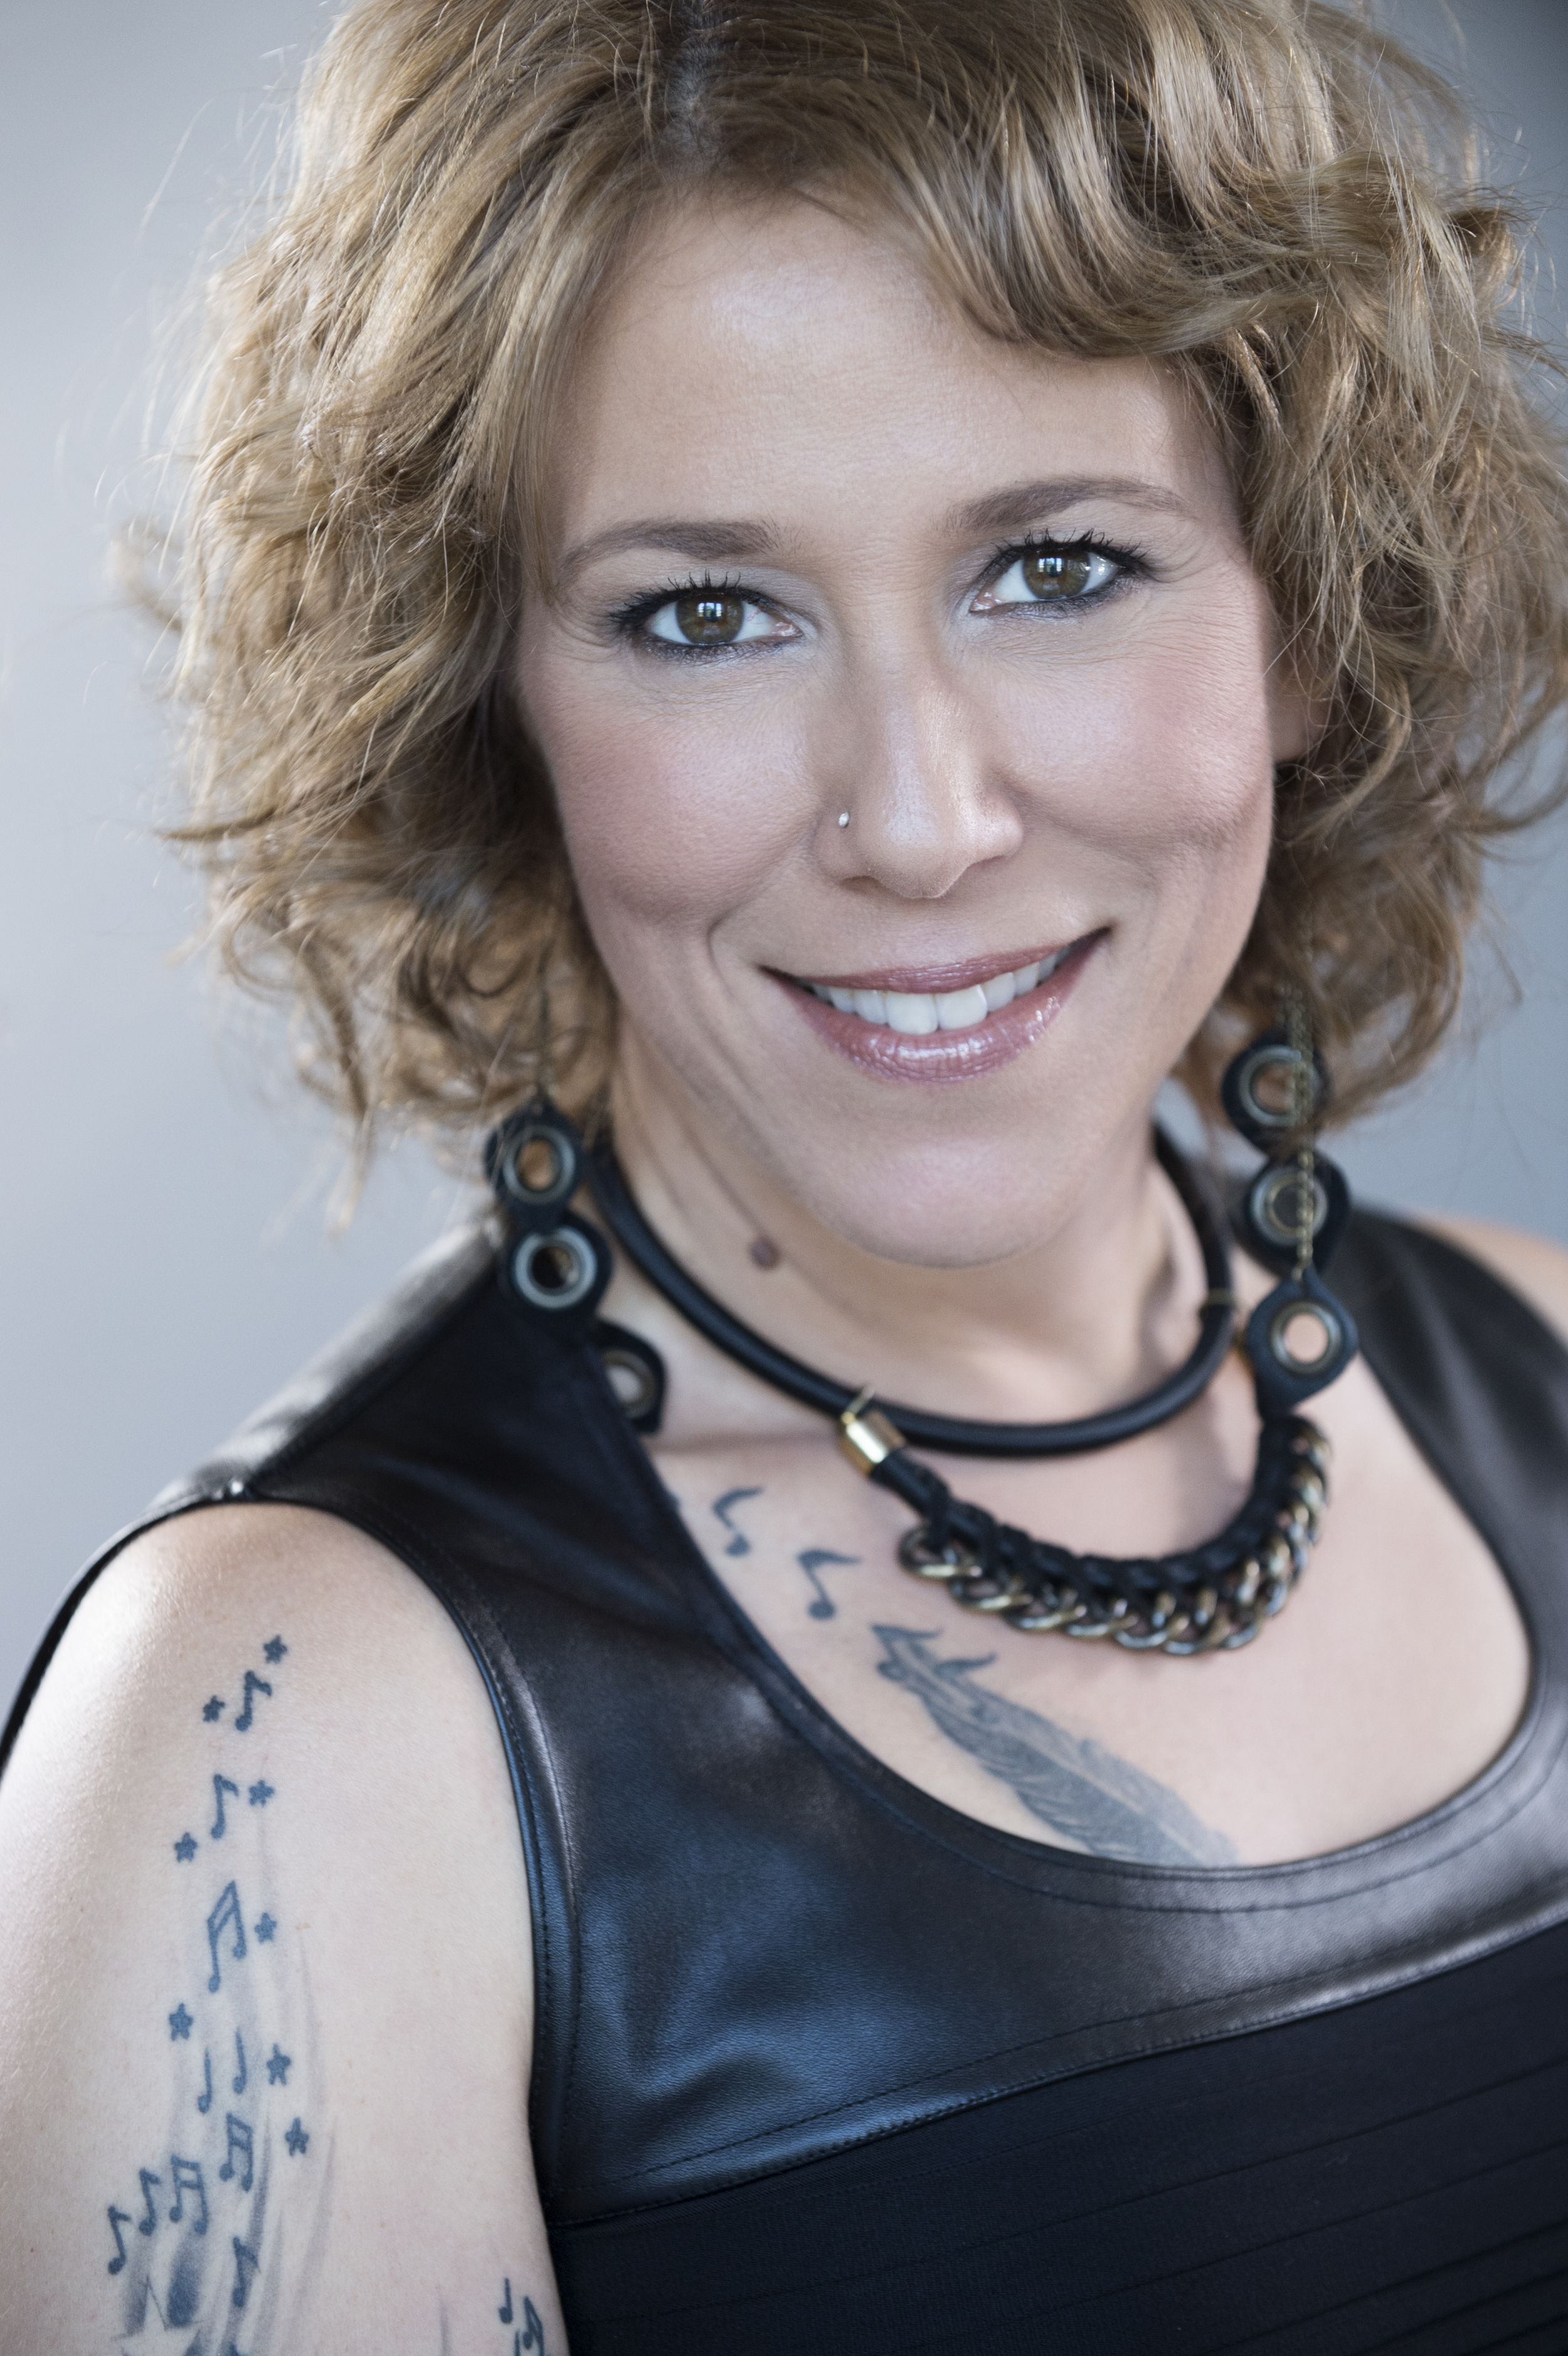 Yzabel BeauBien